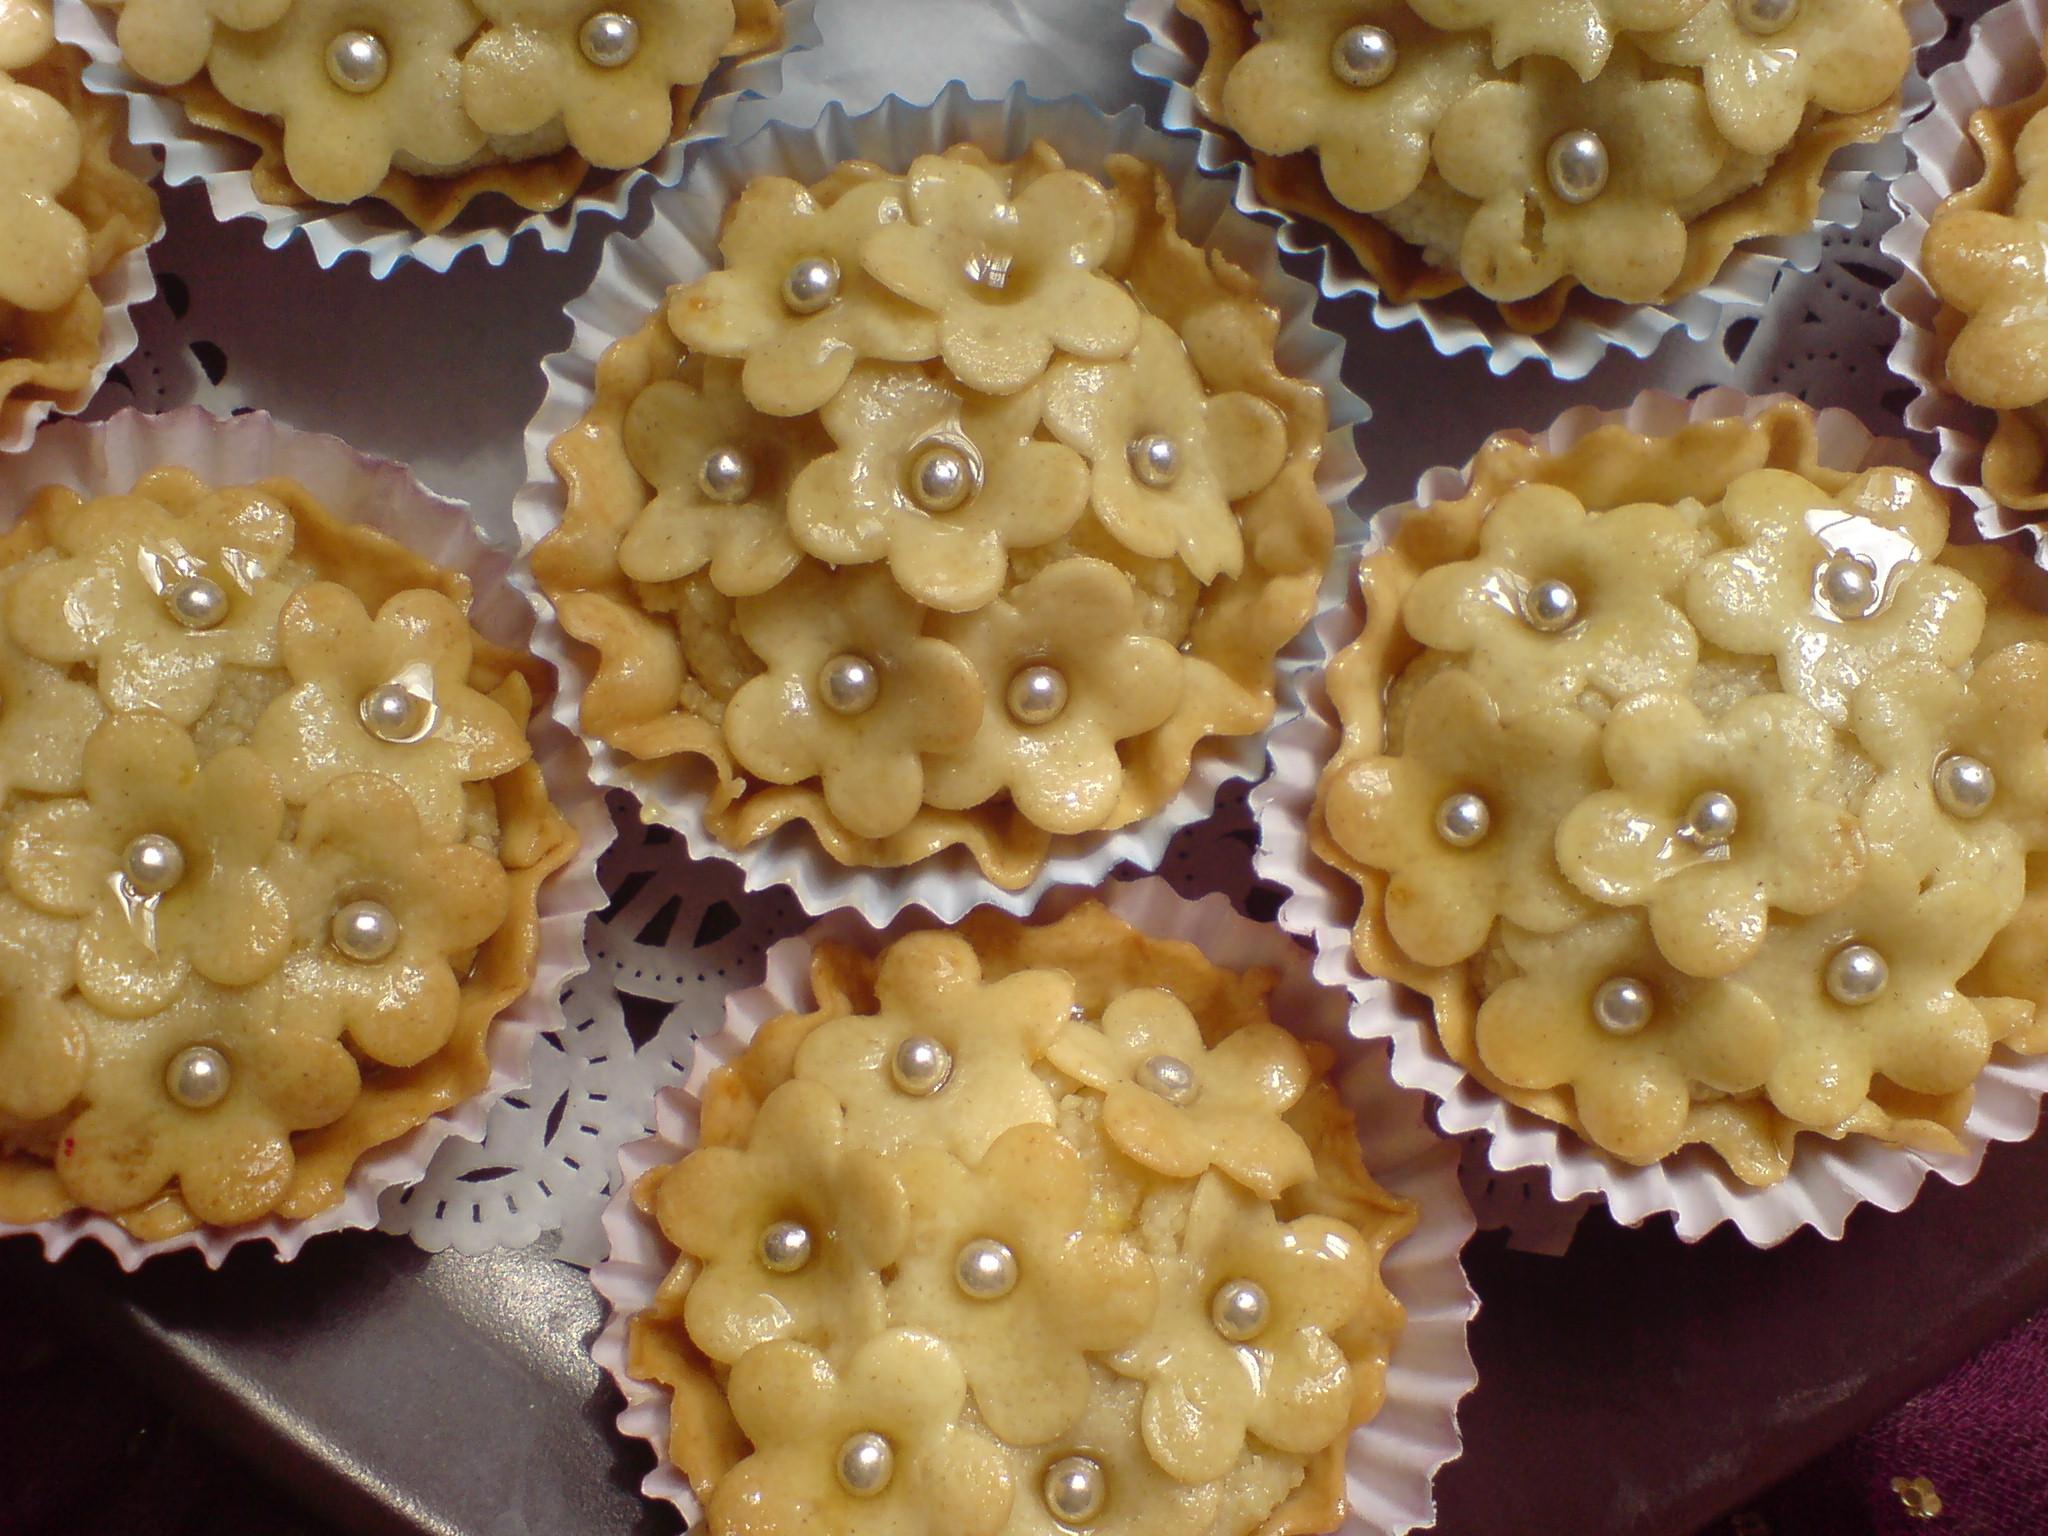 صورة حلويات جزائرية جديدة بالصور , algeria sweets 20160720 3875